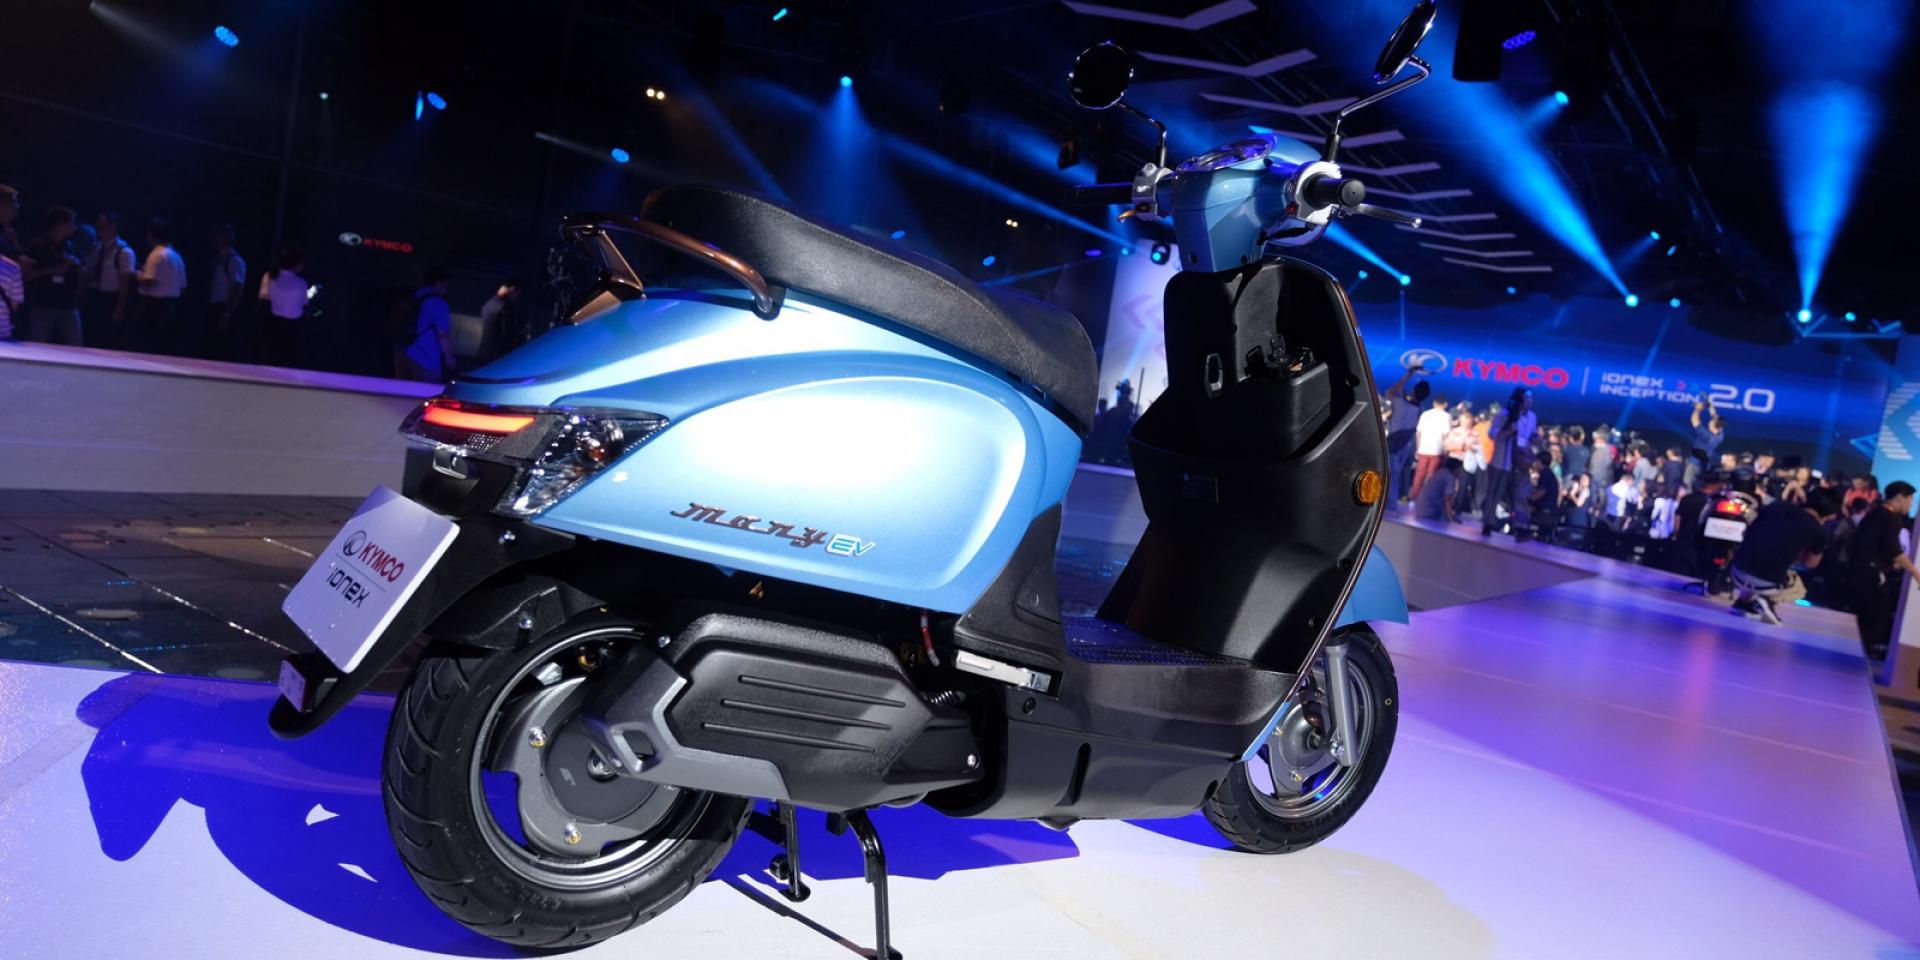 電池效能提升、吃到飽新費率、高雄捷運ATR租車登場。KYMCO Ionex 2.0 電動車新戰略全面啟動!